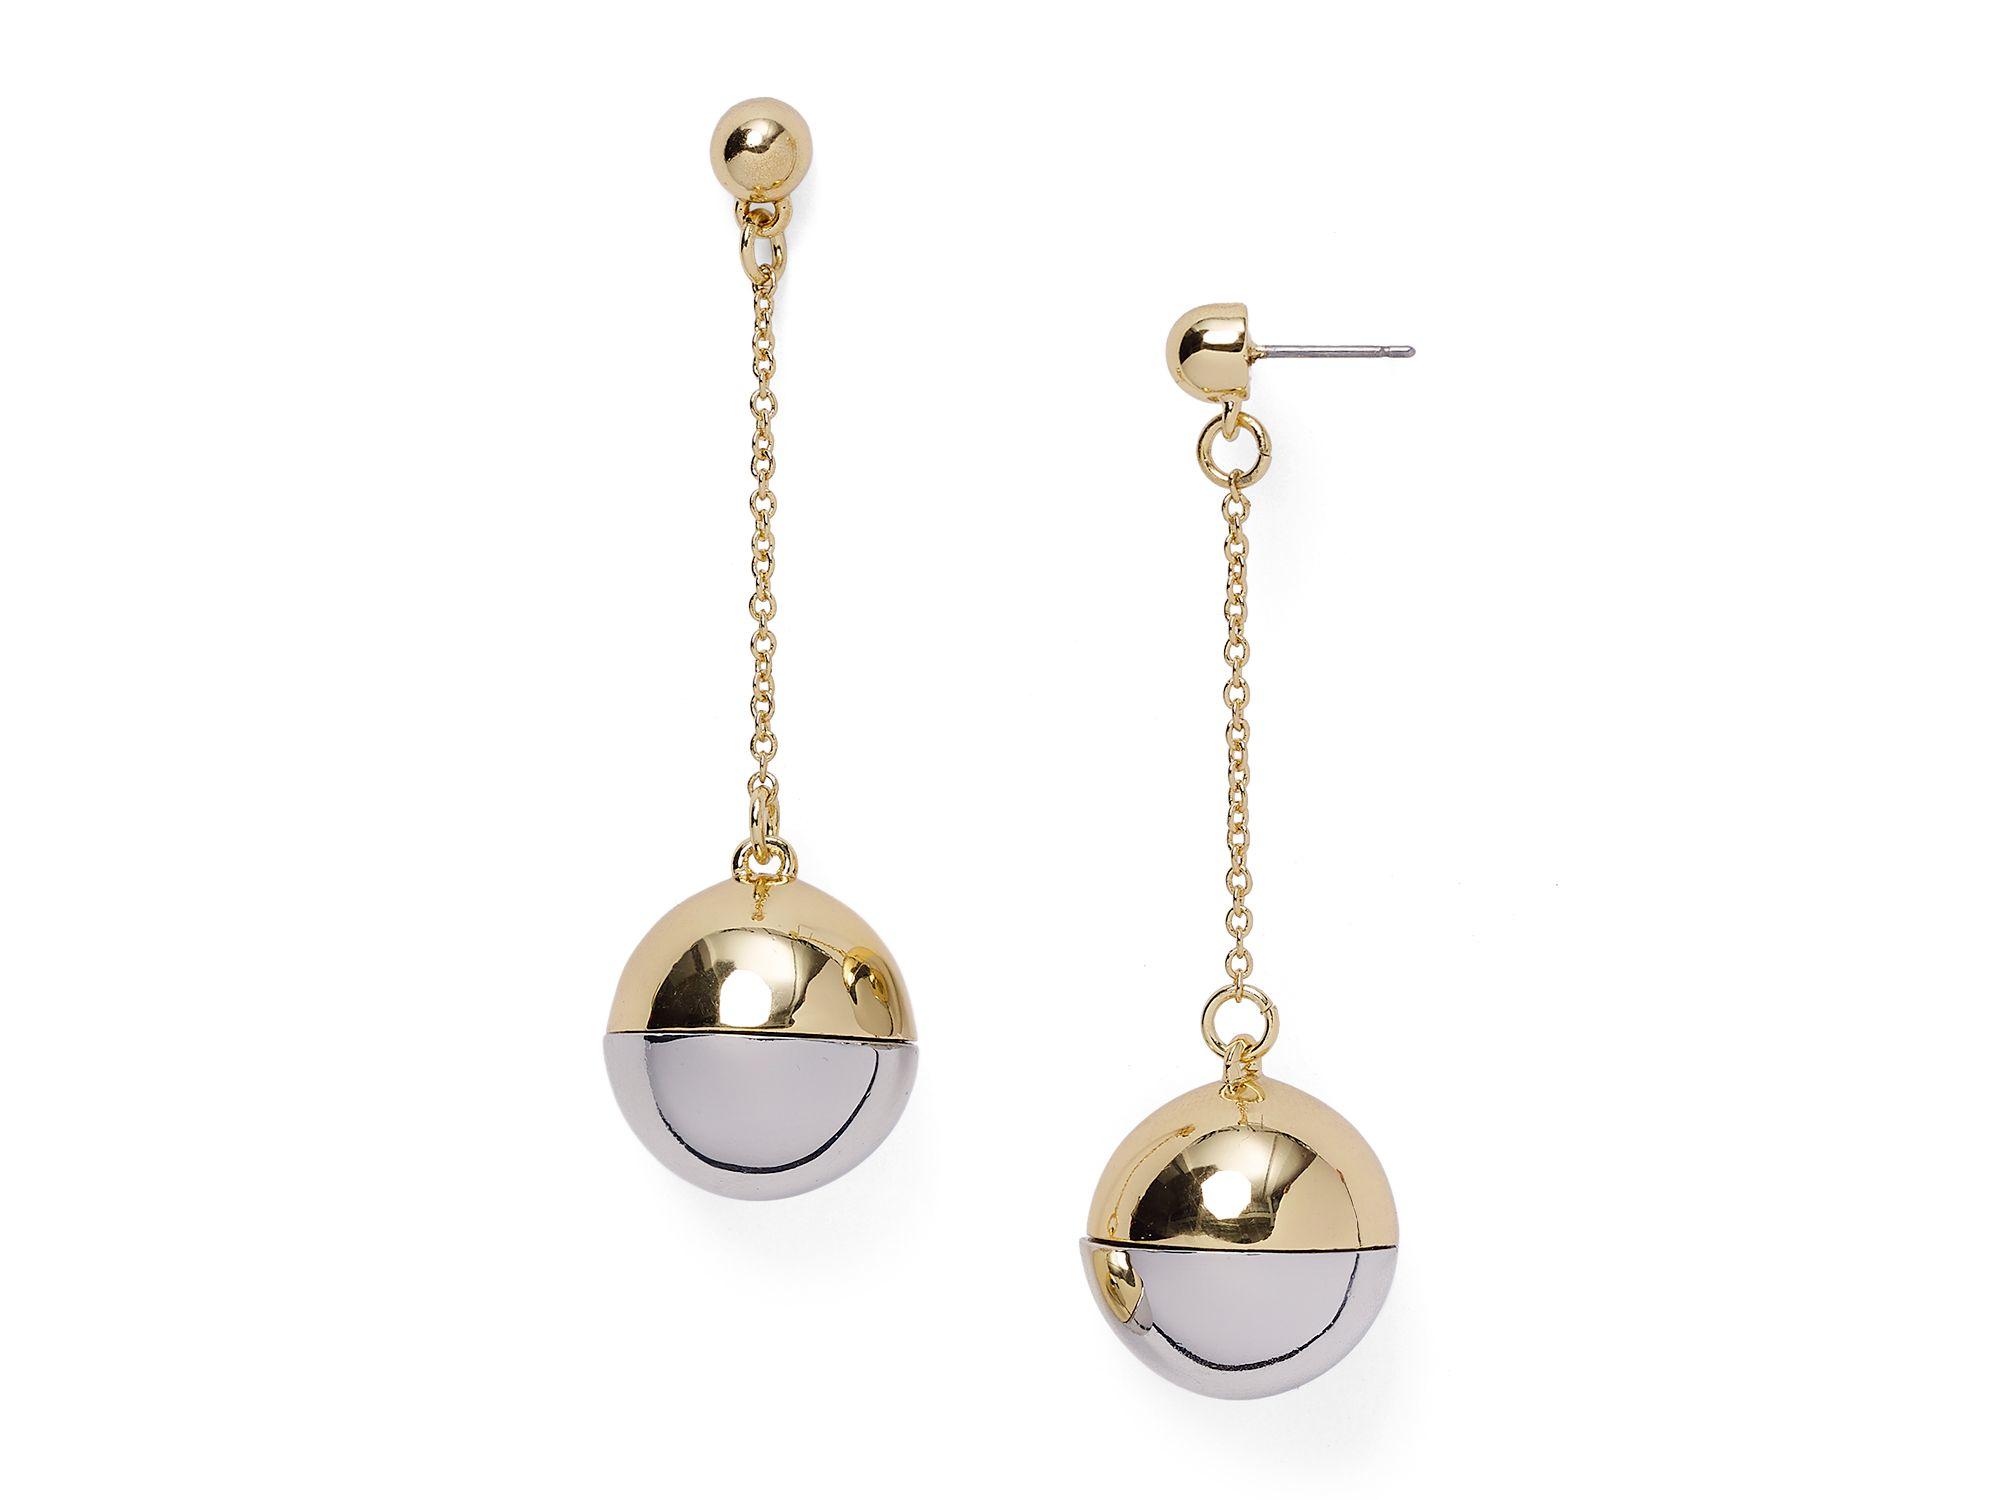 Lyst Baublebar Jingle Drop Earrings In Metallic